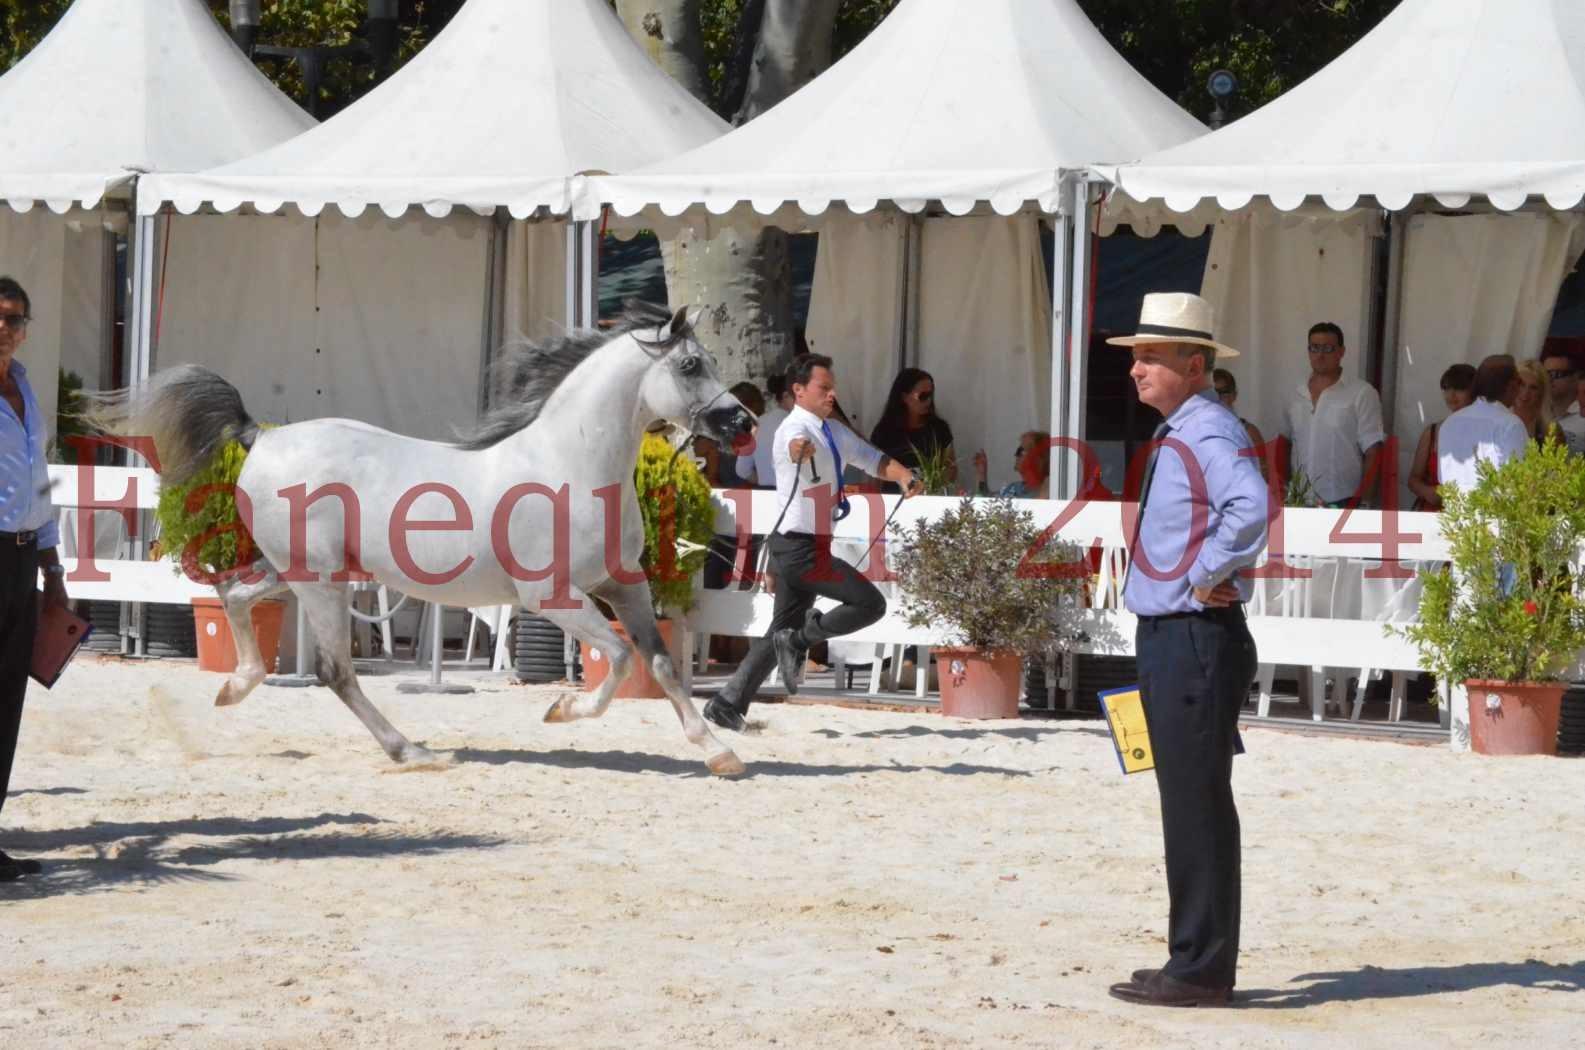 Concours National de Nîmes de chevaux ARABES 2014 - Sélection - SHAOLIN DE NEDJAIA - 01